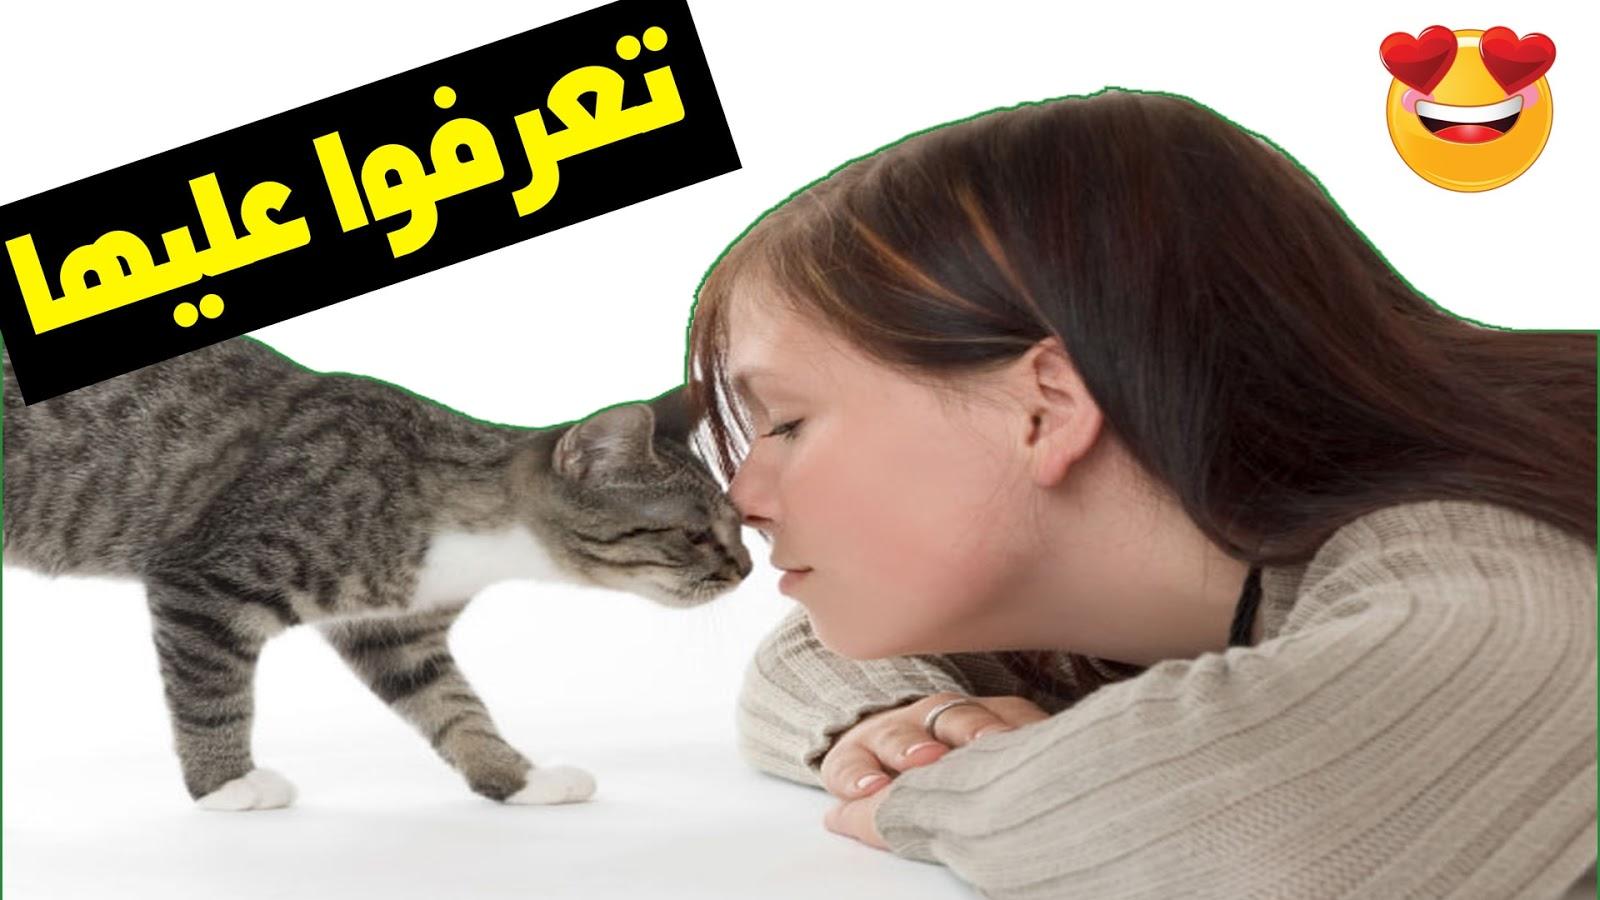 أكثر 10 أشياء تحبها القطط - معلومات عن القطط